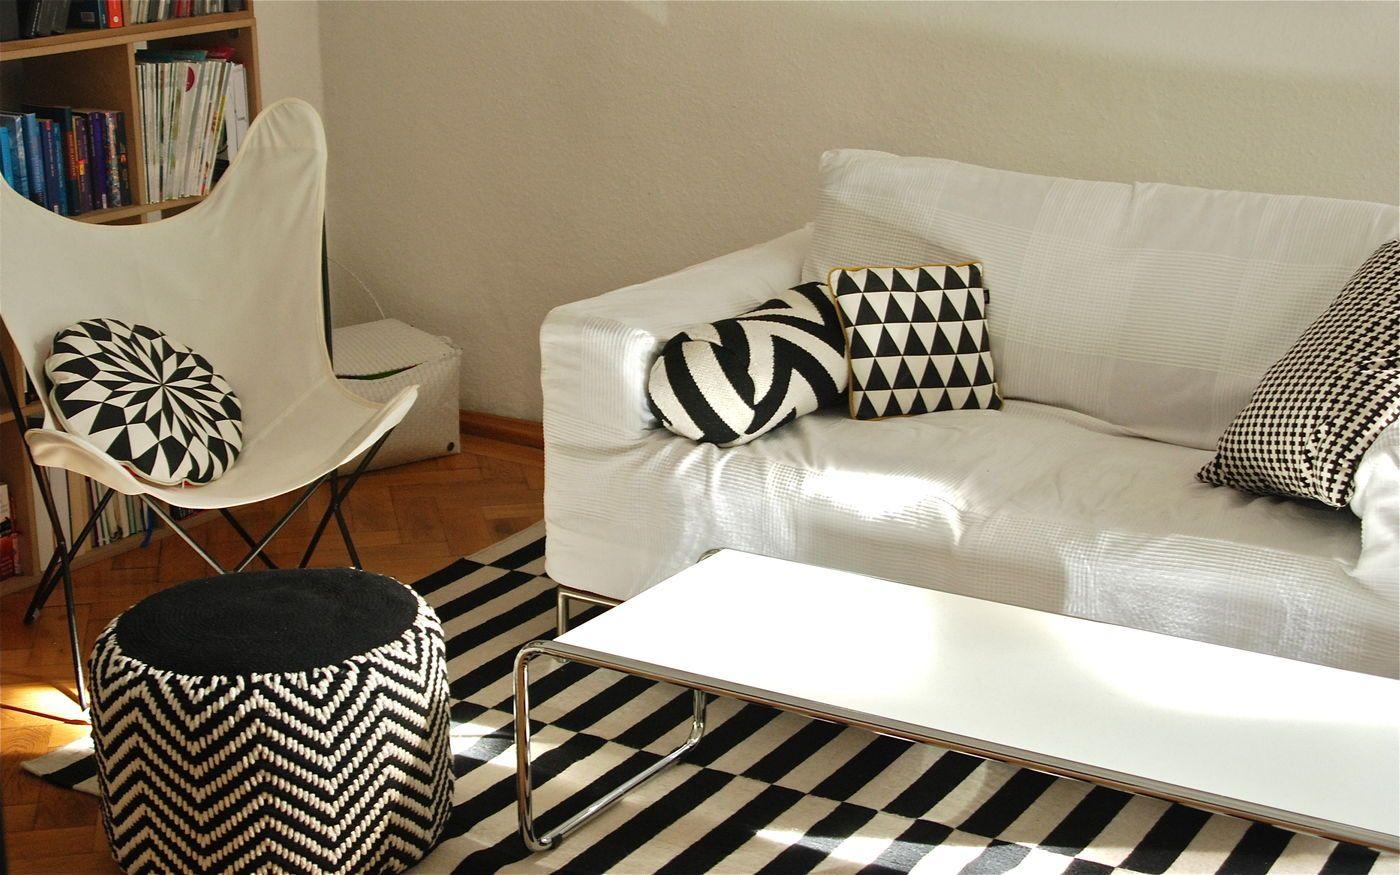 Ikea Stockholm Teppich die schönsten ideen für teppiche ikea